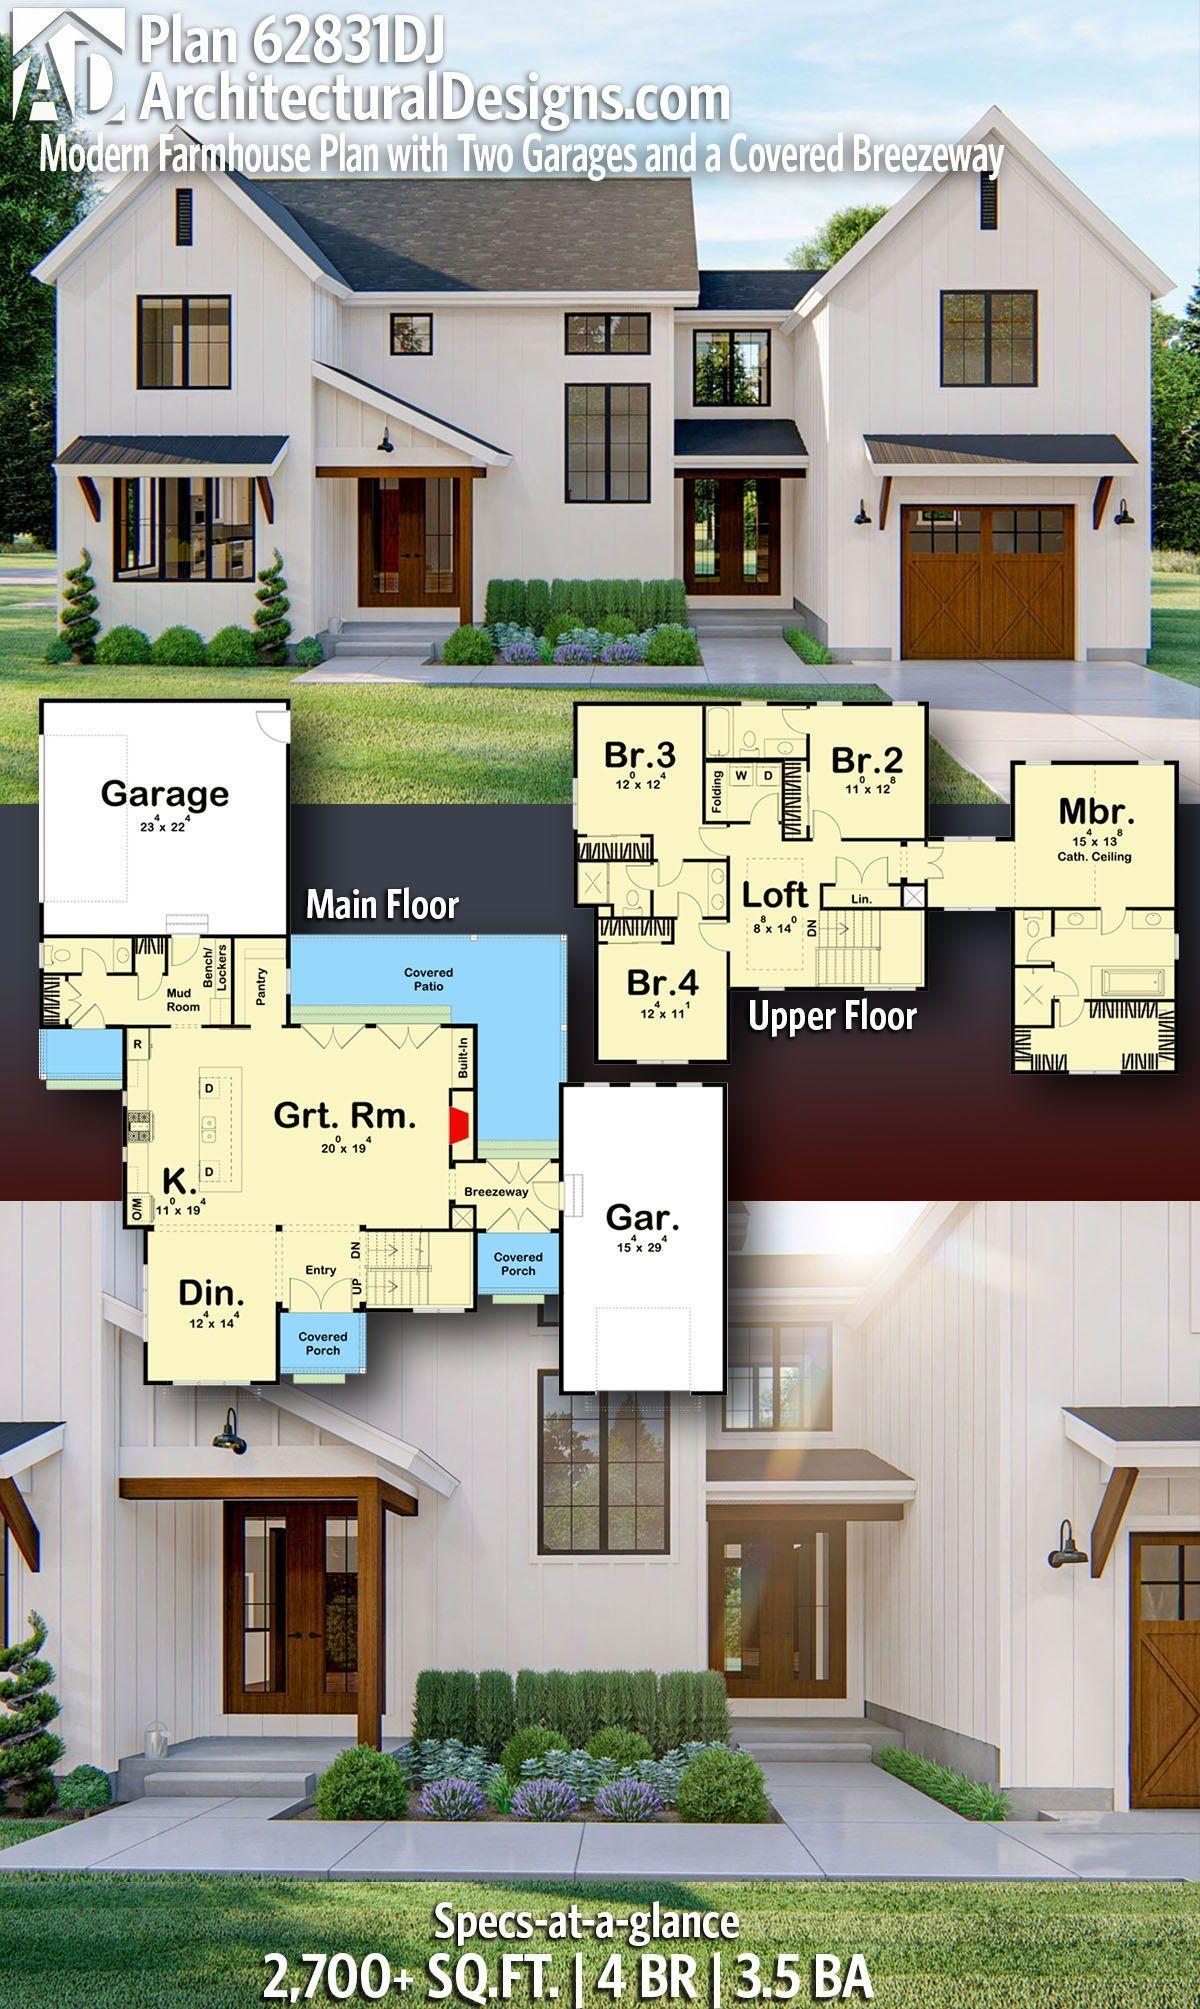 Plan 62831dj Moderne Ferme Plan Avec Deux Garages Et Un Breezeway Couvert In 2020 Modern Farmhouse Plans Sims House Plans Farmhouse Plans